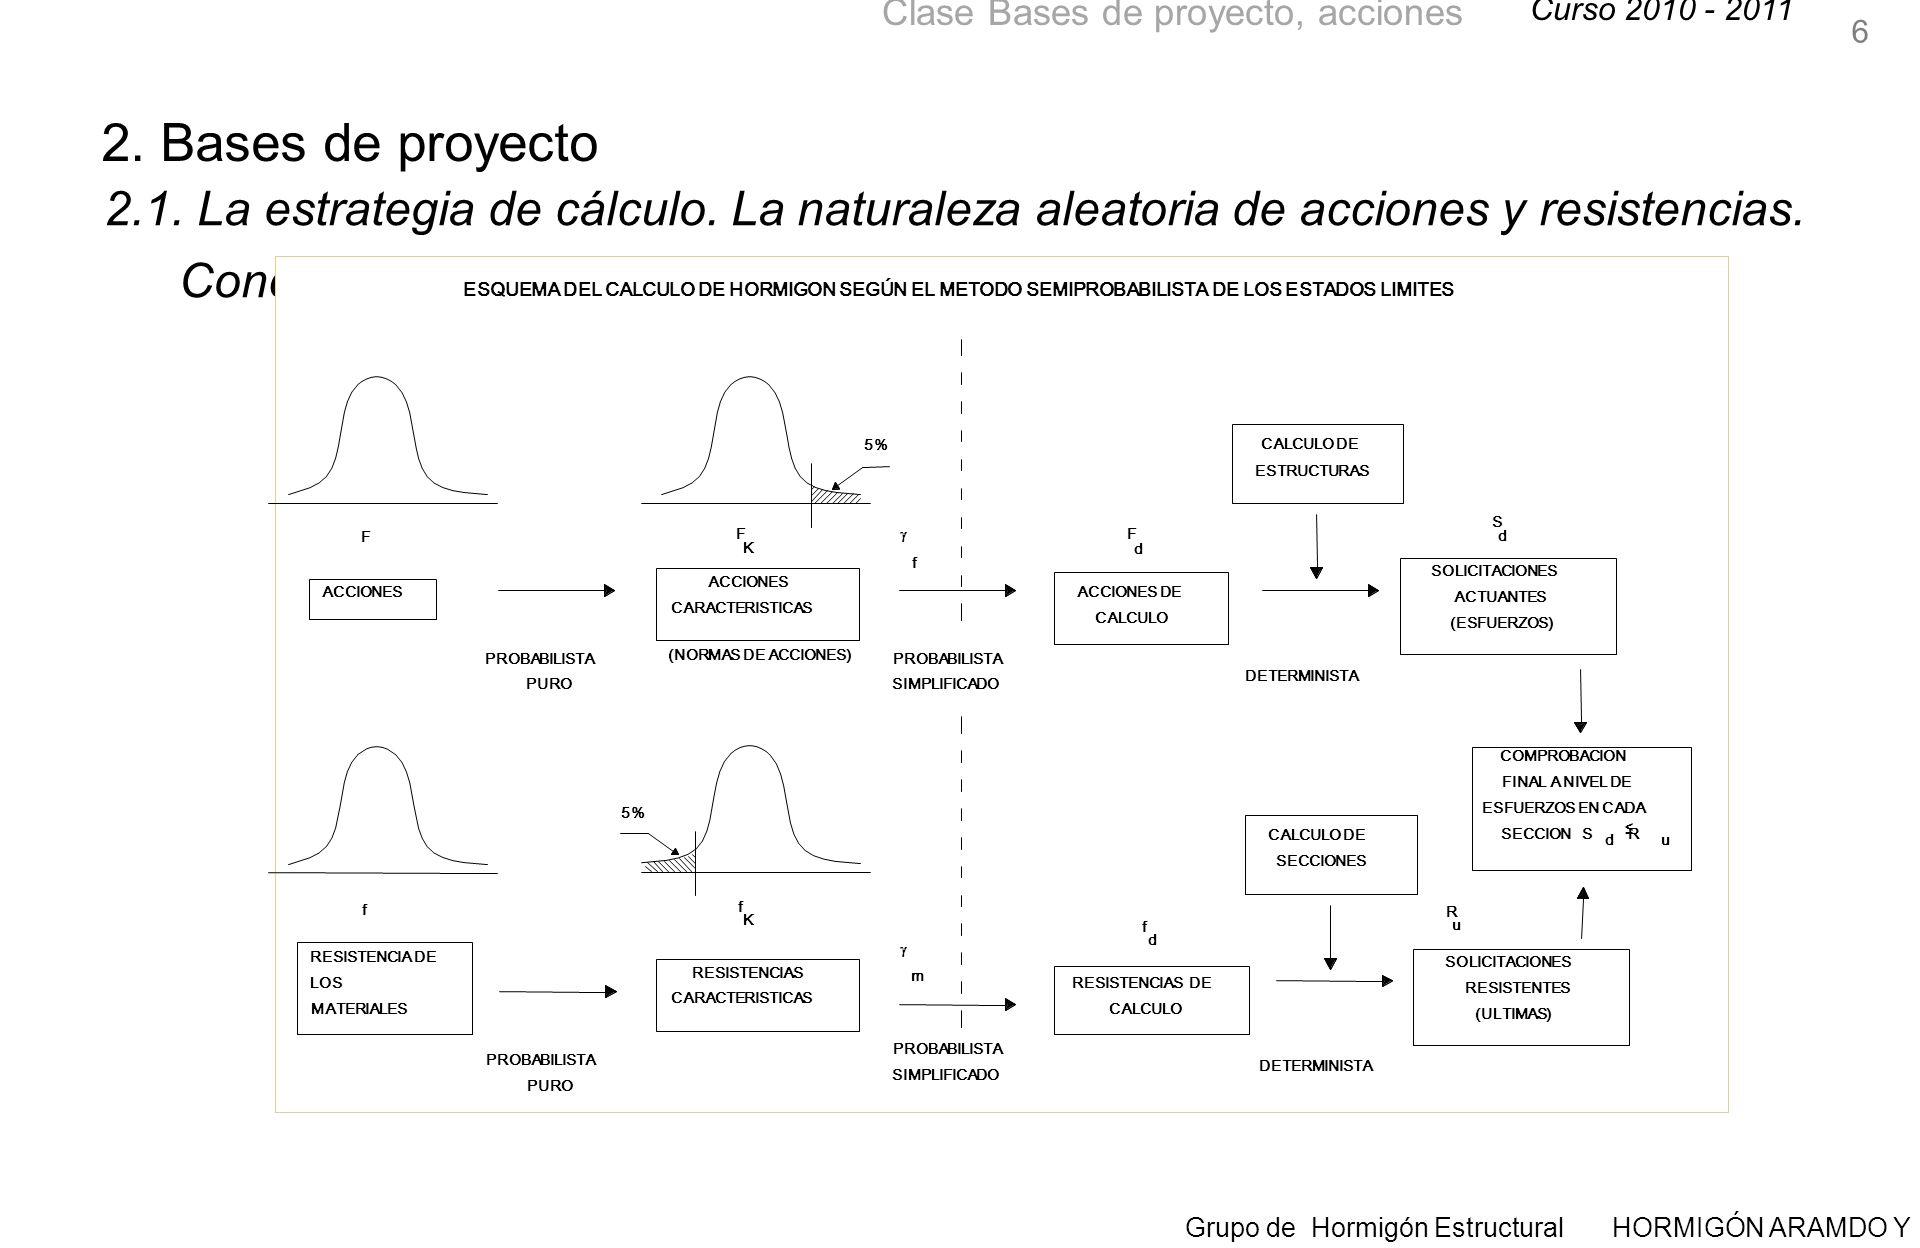 Curso 2010 - 2011 Grupo de Hormigón Estructural HORMIGÓN ARAMDO Y PRETENSADO II Clase Bases de proyecto, acciones 27 2.6.